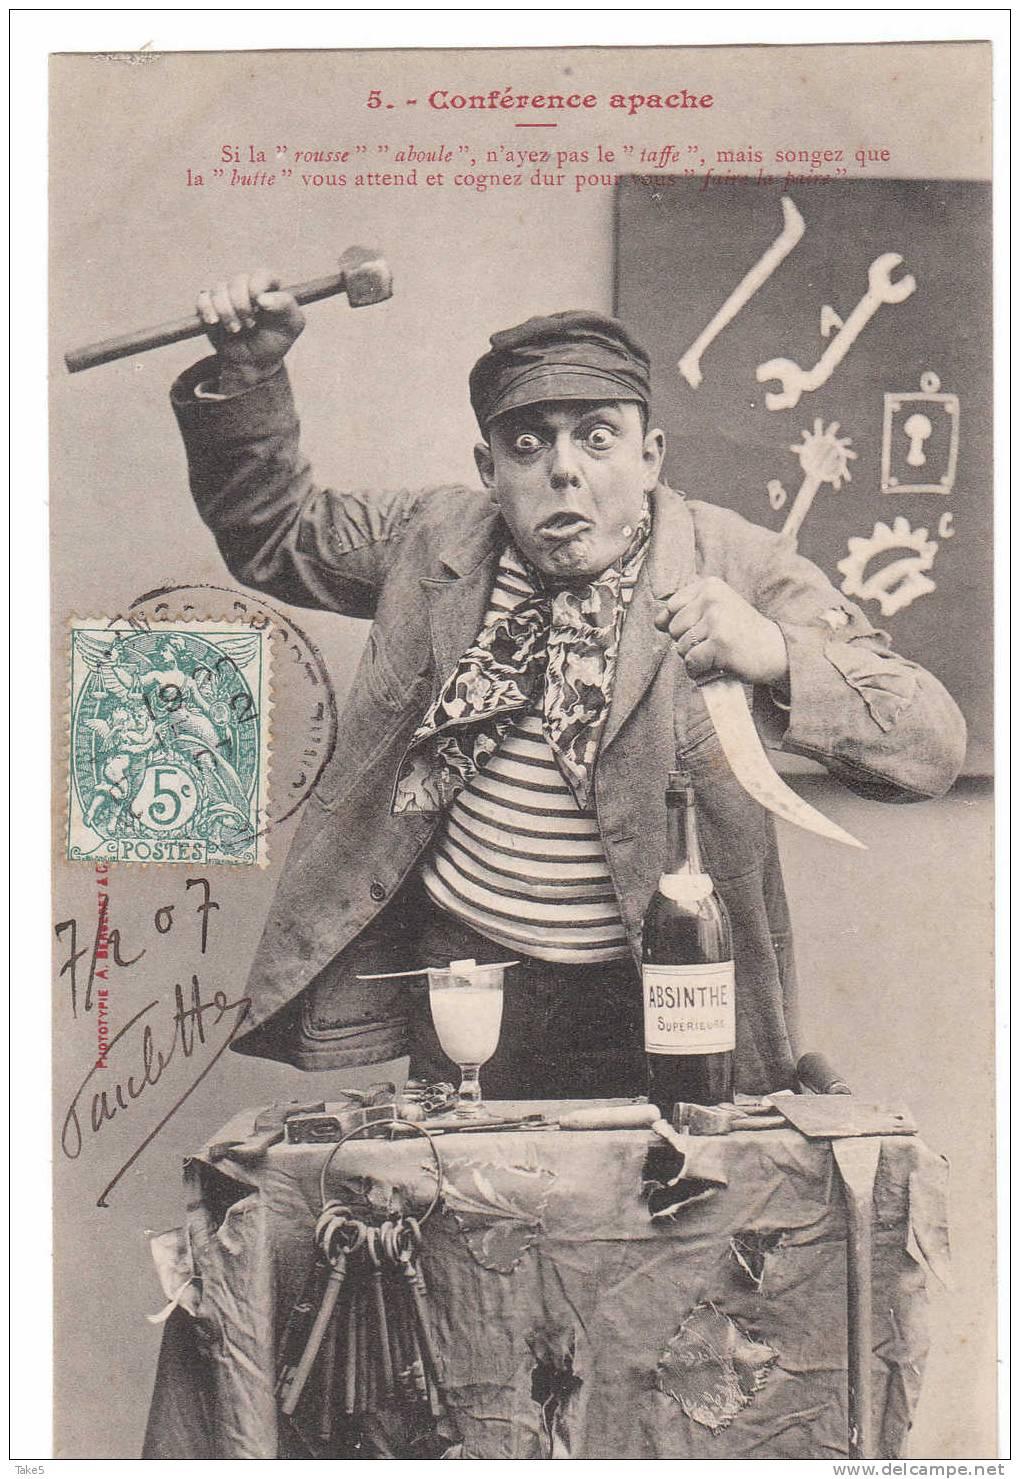 Как апаши, французские гопники начала XX века, повлияли на мировую культуру (9 фото)